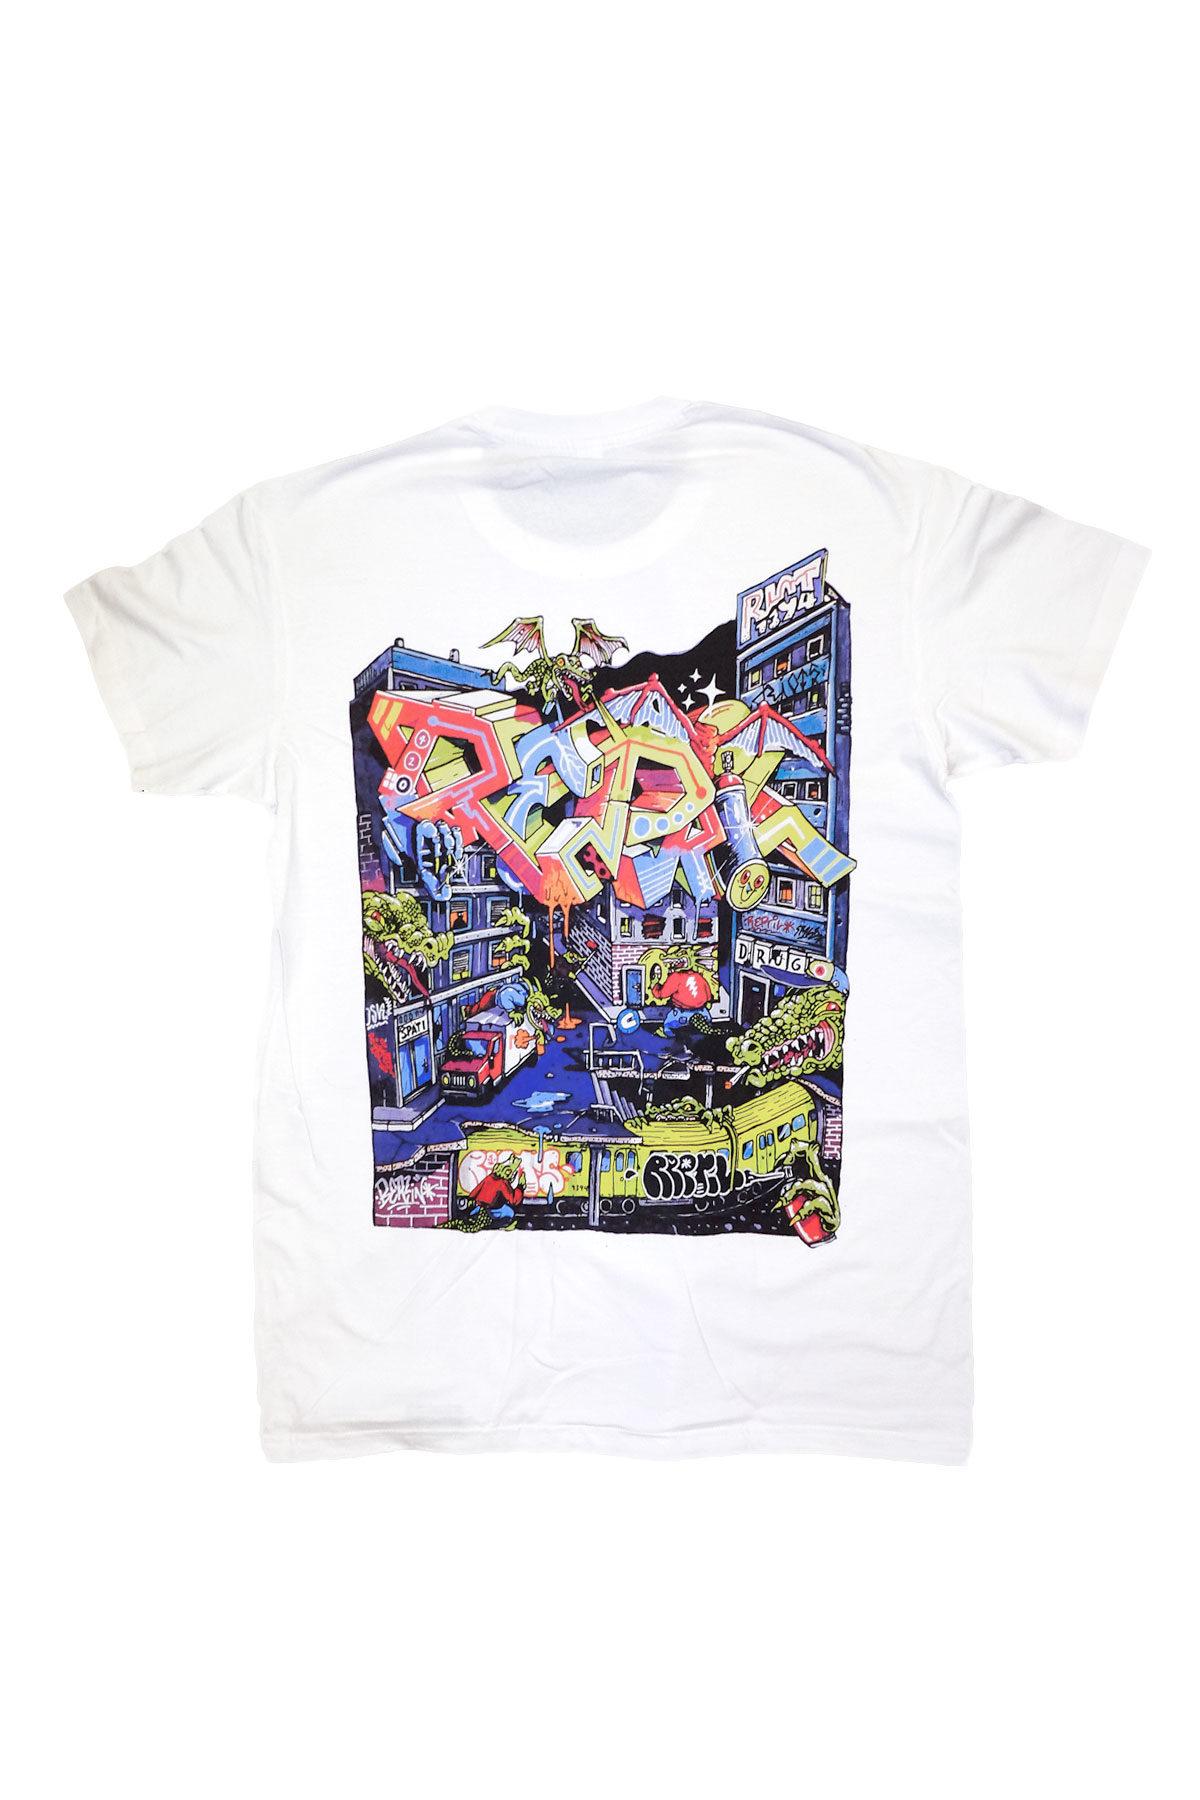 Reptil 1394 T-Shirt